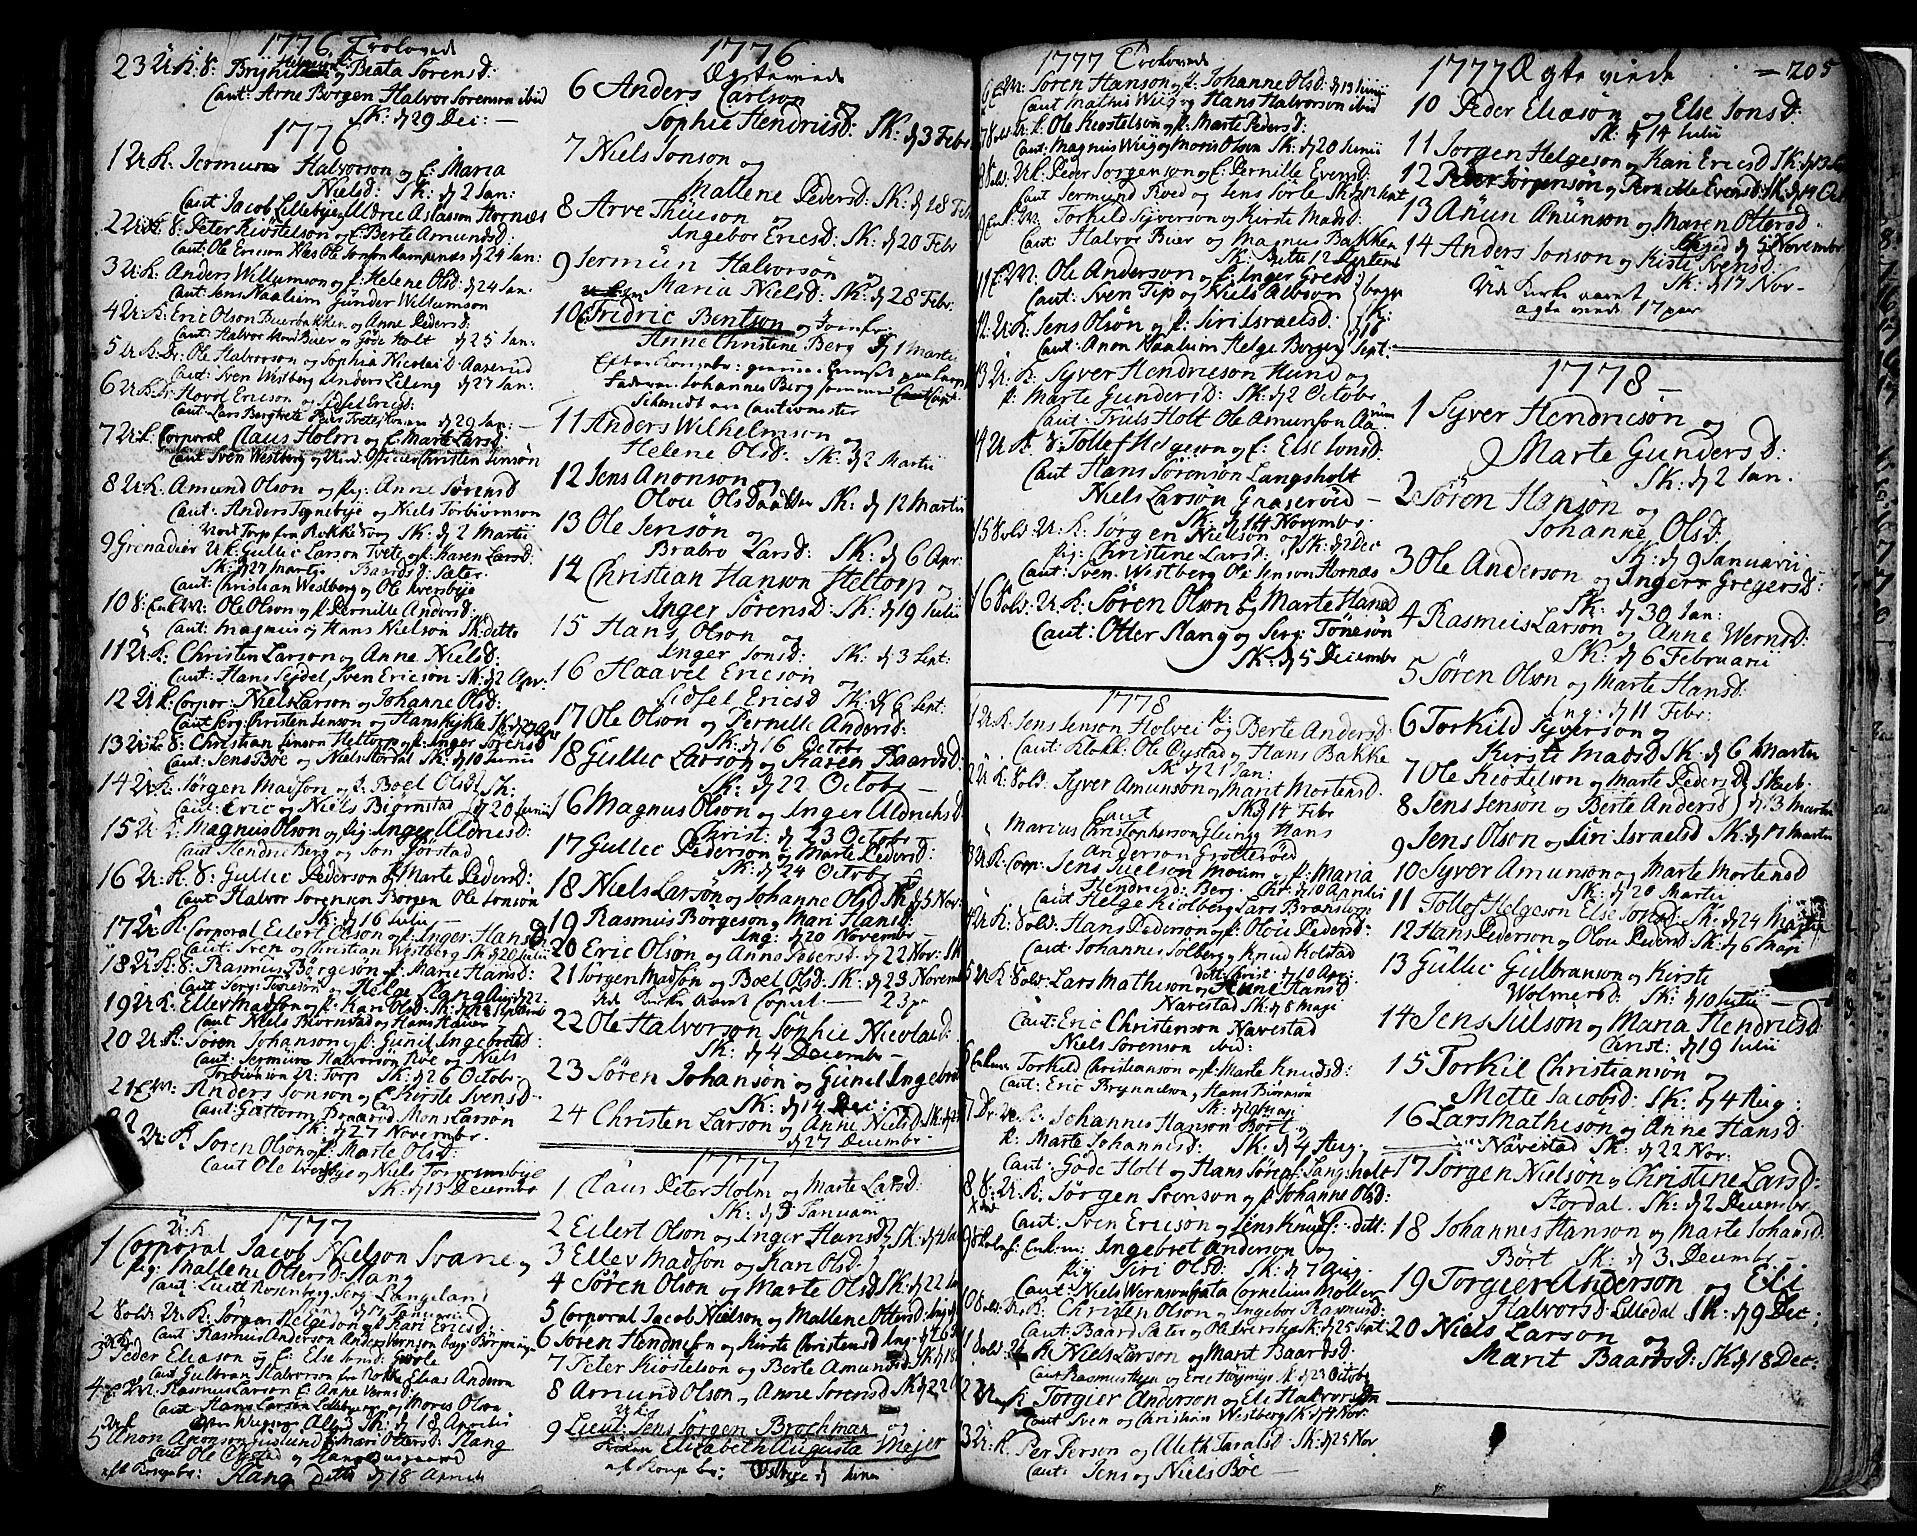 SAO, Skjeberg prestekontor Kirkebøker, F/Fa/L0002: Ministerialbok nr. I 2, 1726-1791, s. 205